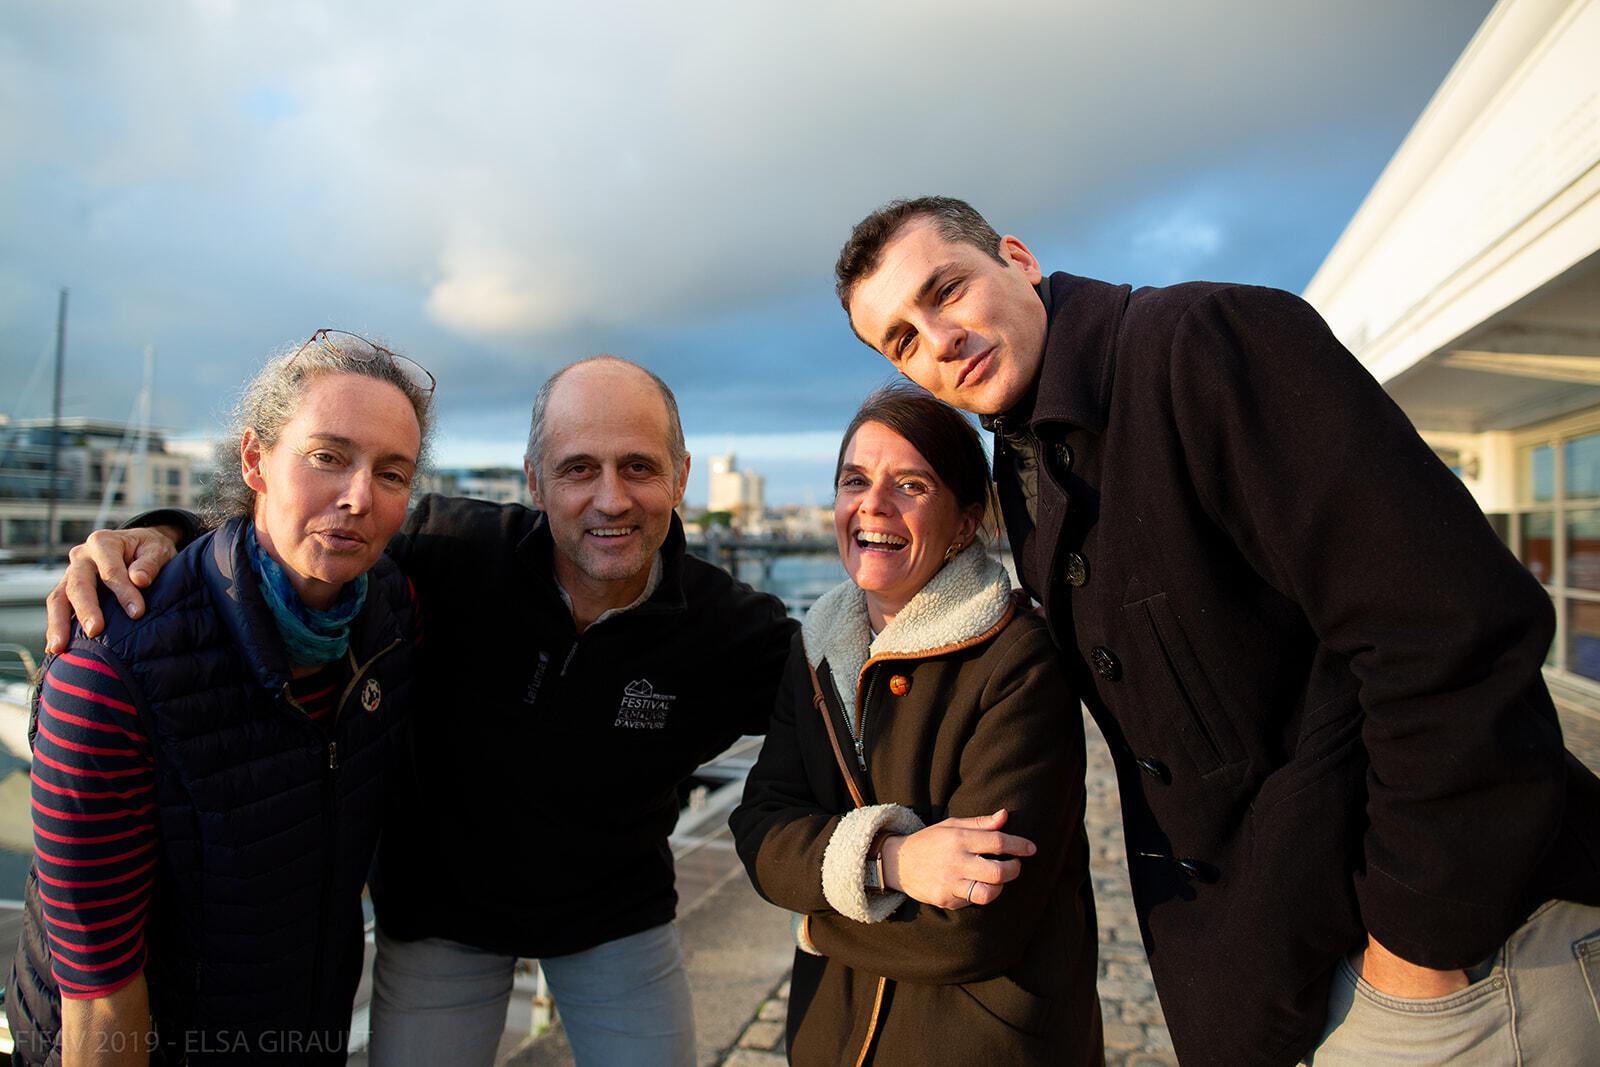 Le jury de la 16e édition du FIFAV au complet, en novembre 2019. De gauche à droite : France Pinczon du Sel, Luc Marescot, Céline Develay-Mazurelle et Cédric Gras.